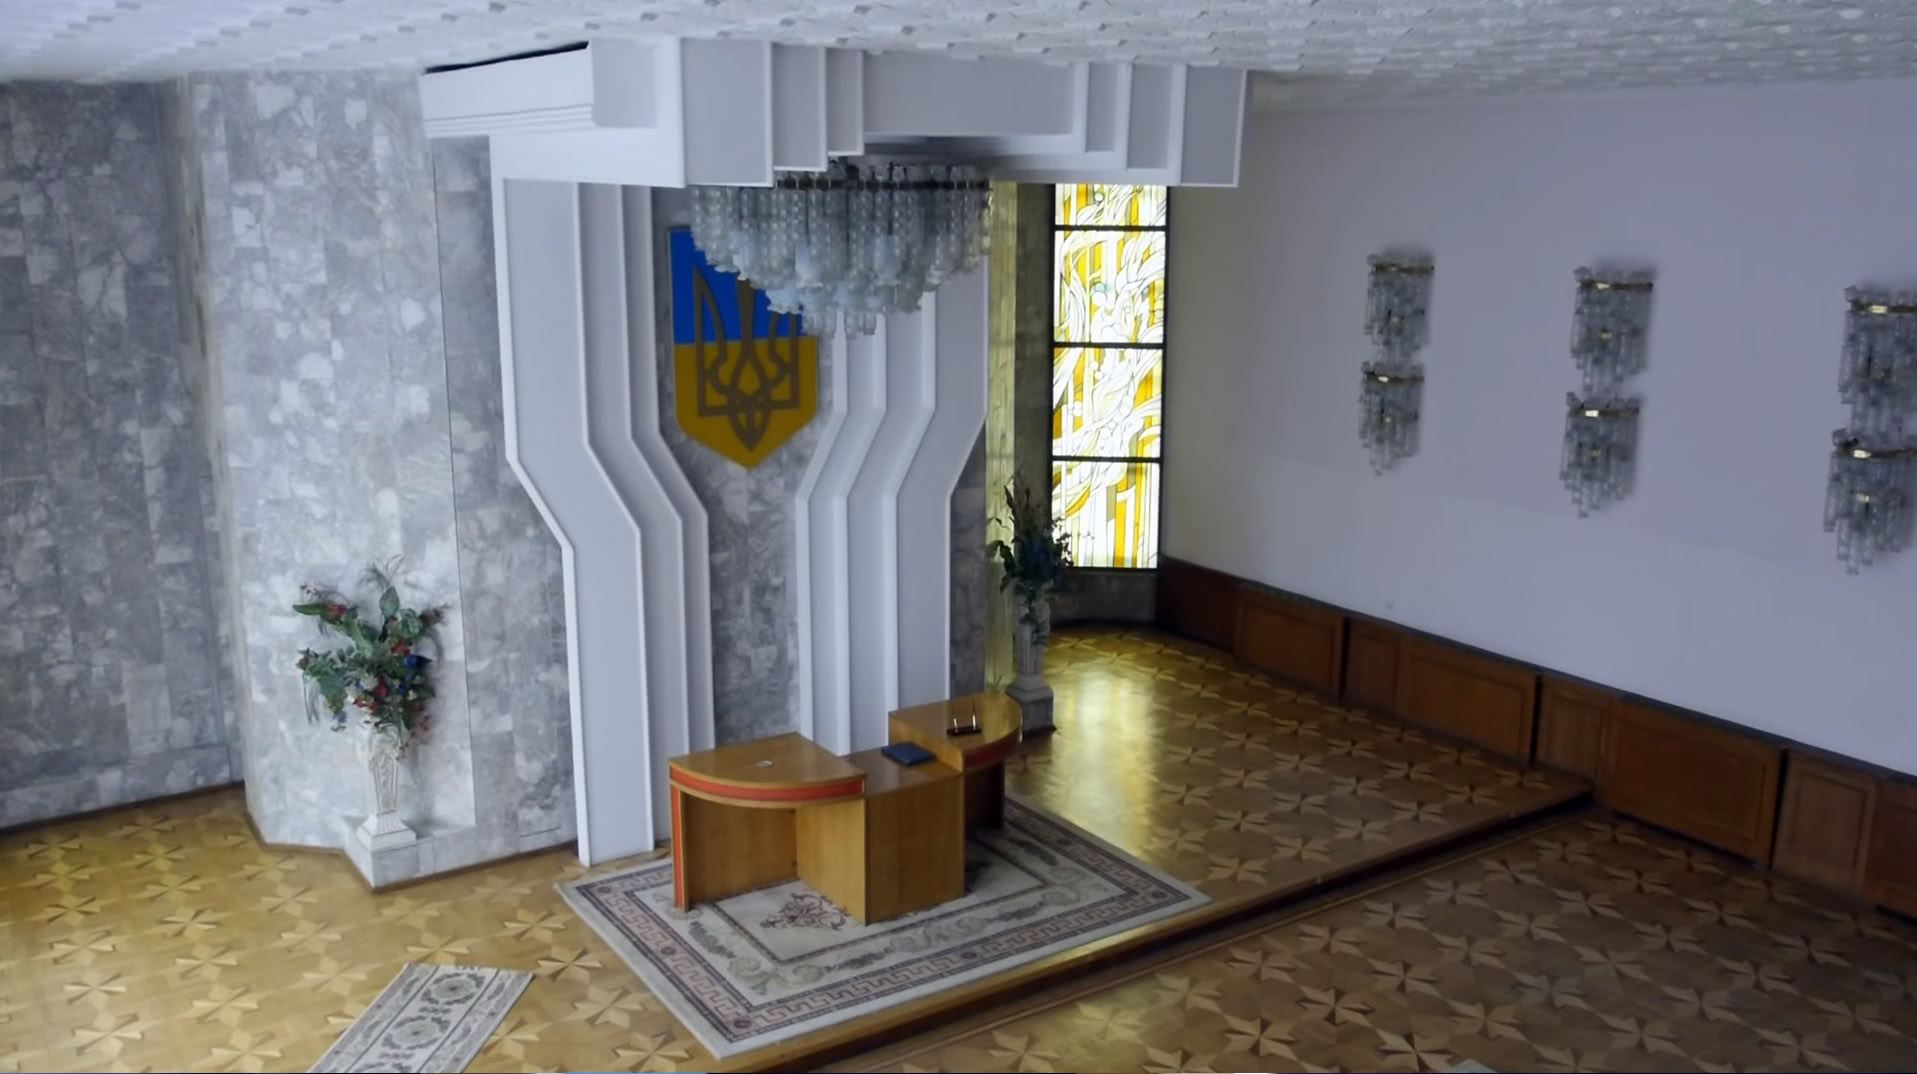 Шлюб у Луцьку планують реєструвати у приміщенні в центрі міста